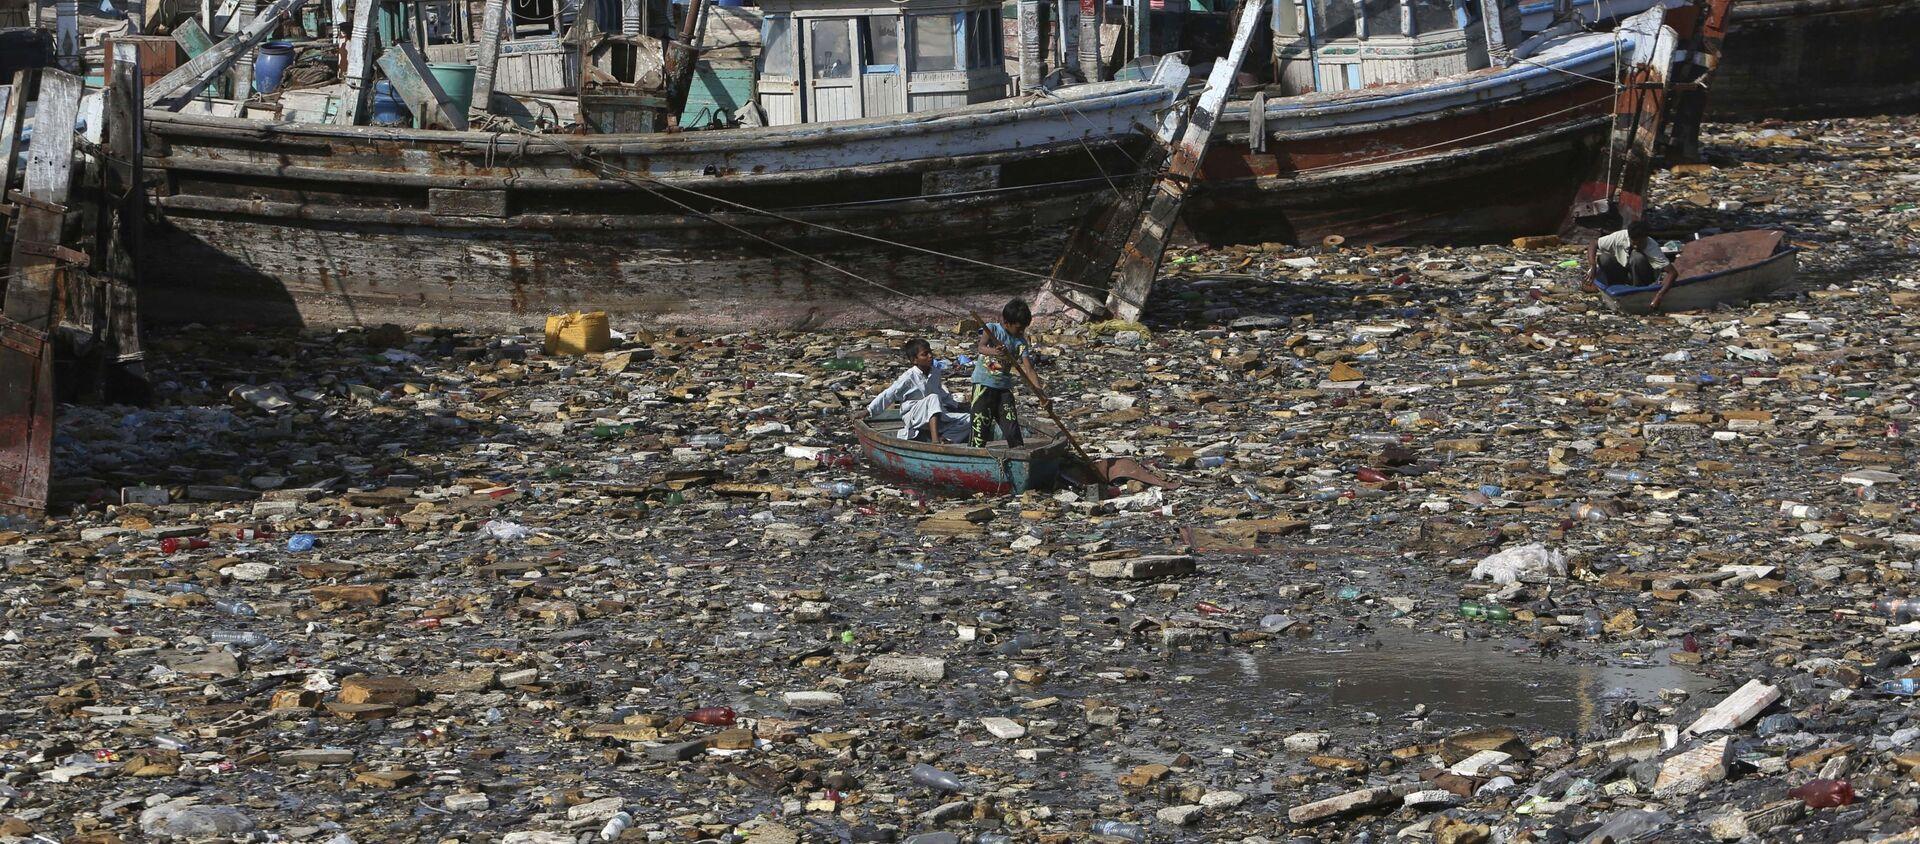 Trẻ em thu gom rác tái chế ở bến cảng bị ô nhiễm ở Karachi, Pakistan - Sputnik Việt Nam, 1920, 17.03.2021